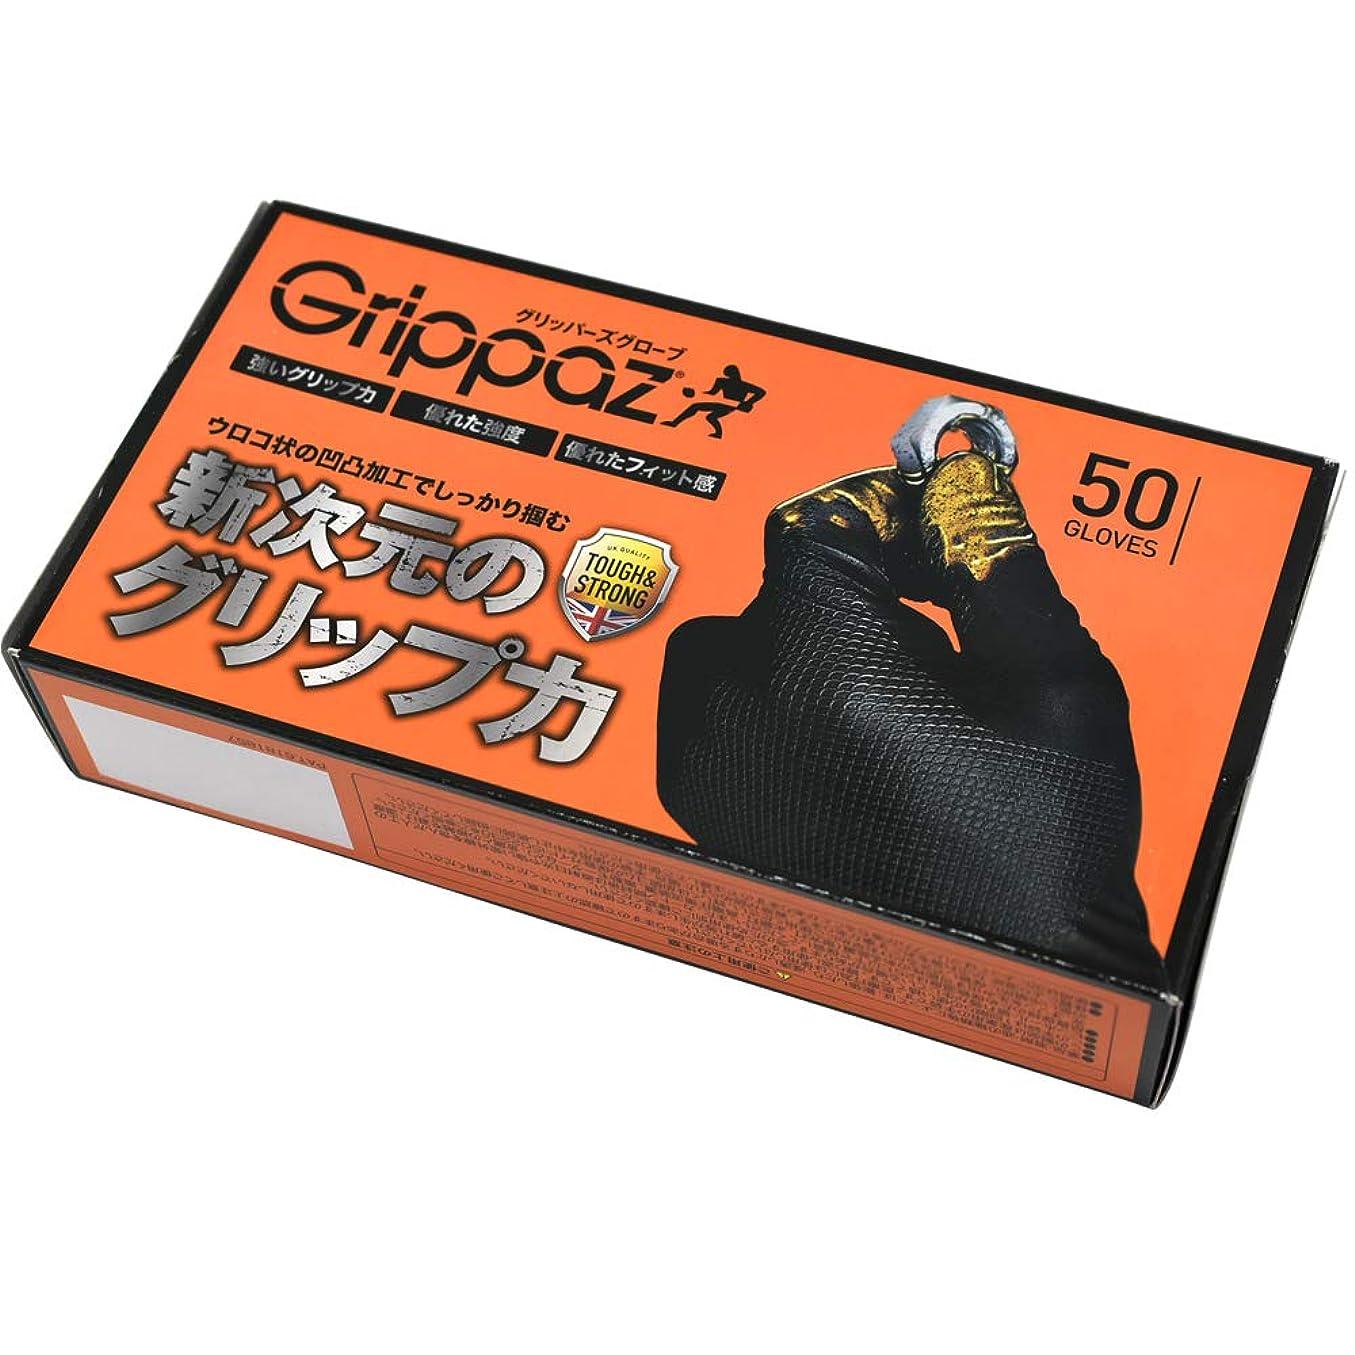 膿瘍まだ知り合いになる原田産業 ニトリル手袋 グリッパーズグローブ 50枚入 XLサイズ パウダーフリー 左右兼用 自動車整備 メンテナンス